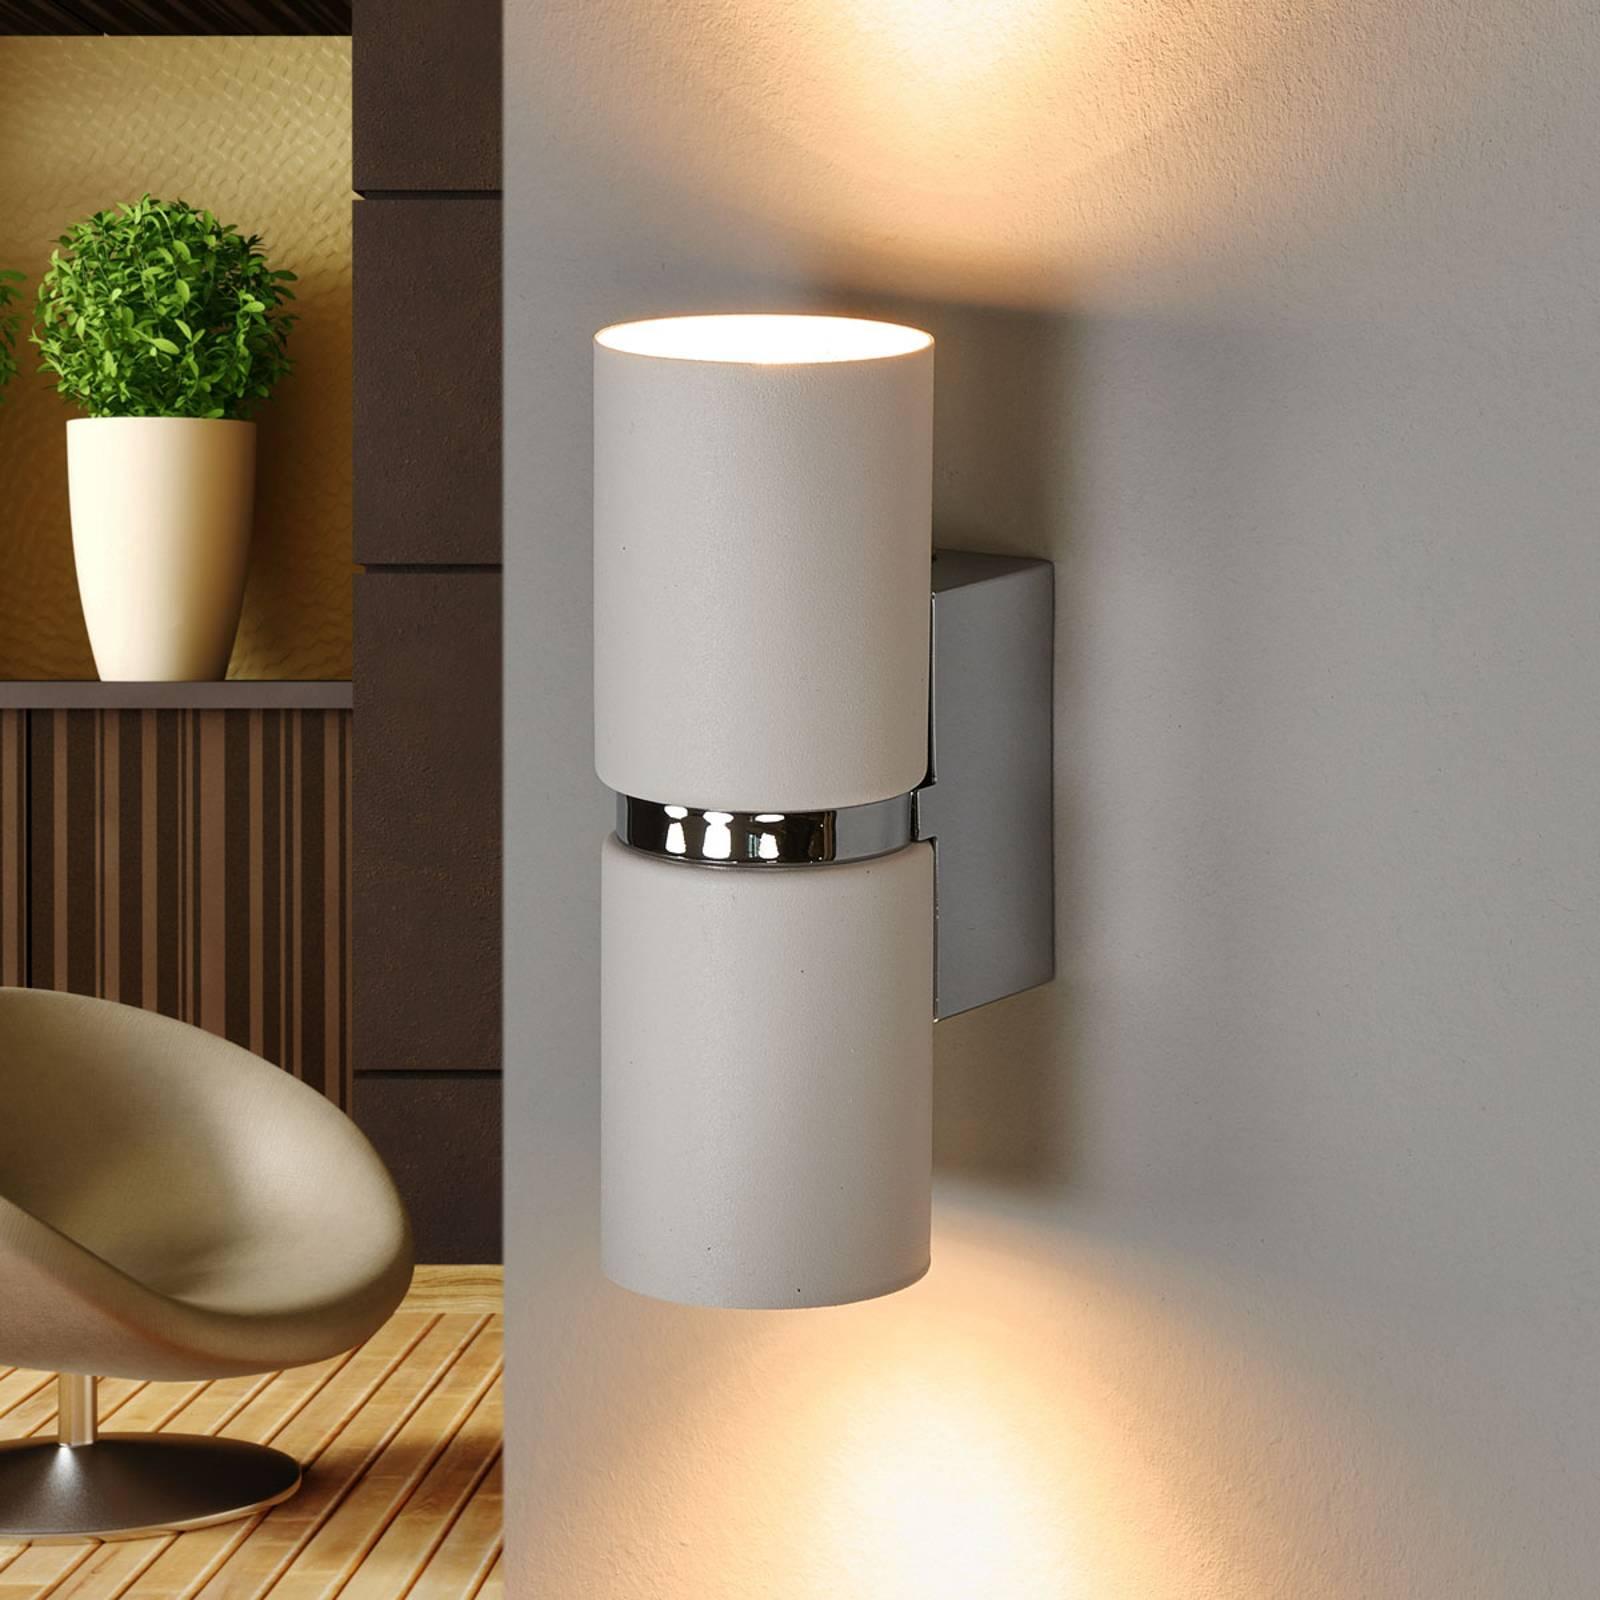 LED wandlamp Passa met 2 lampjes, rond, wit